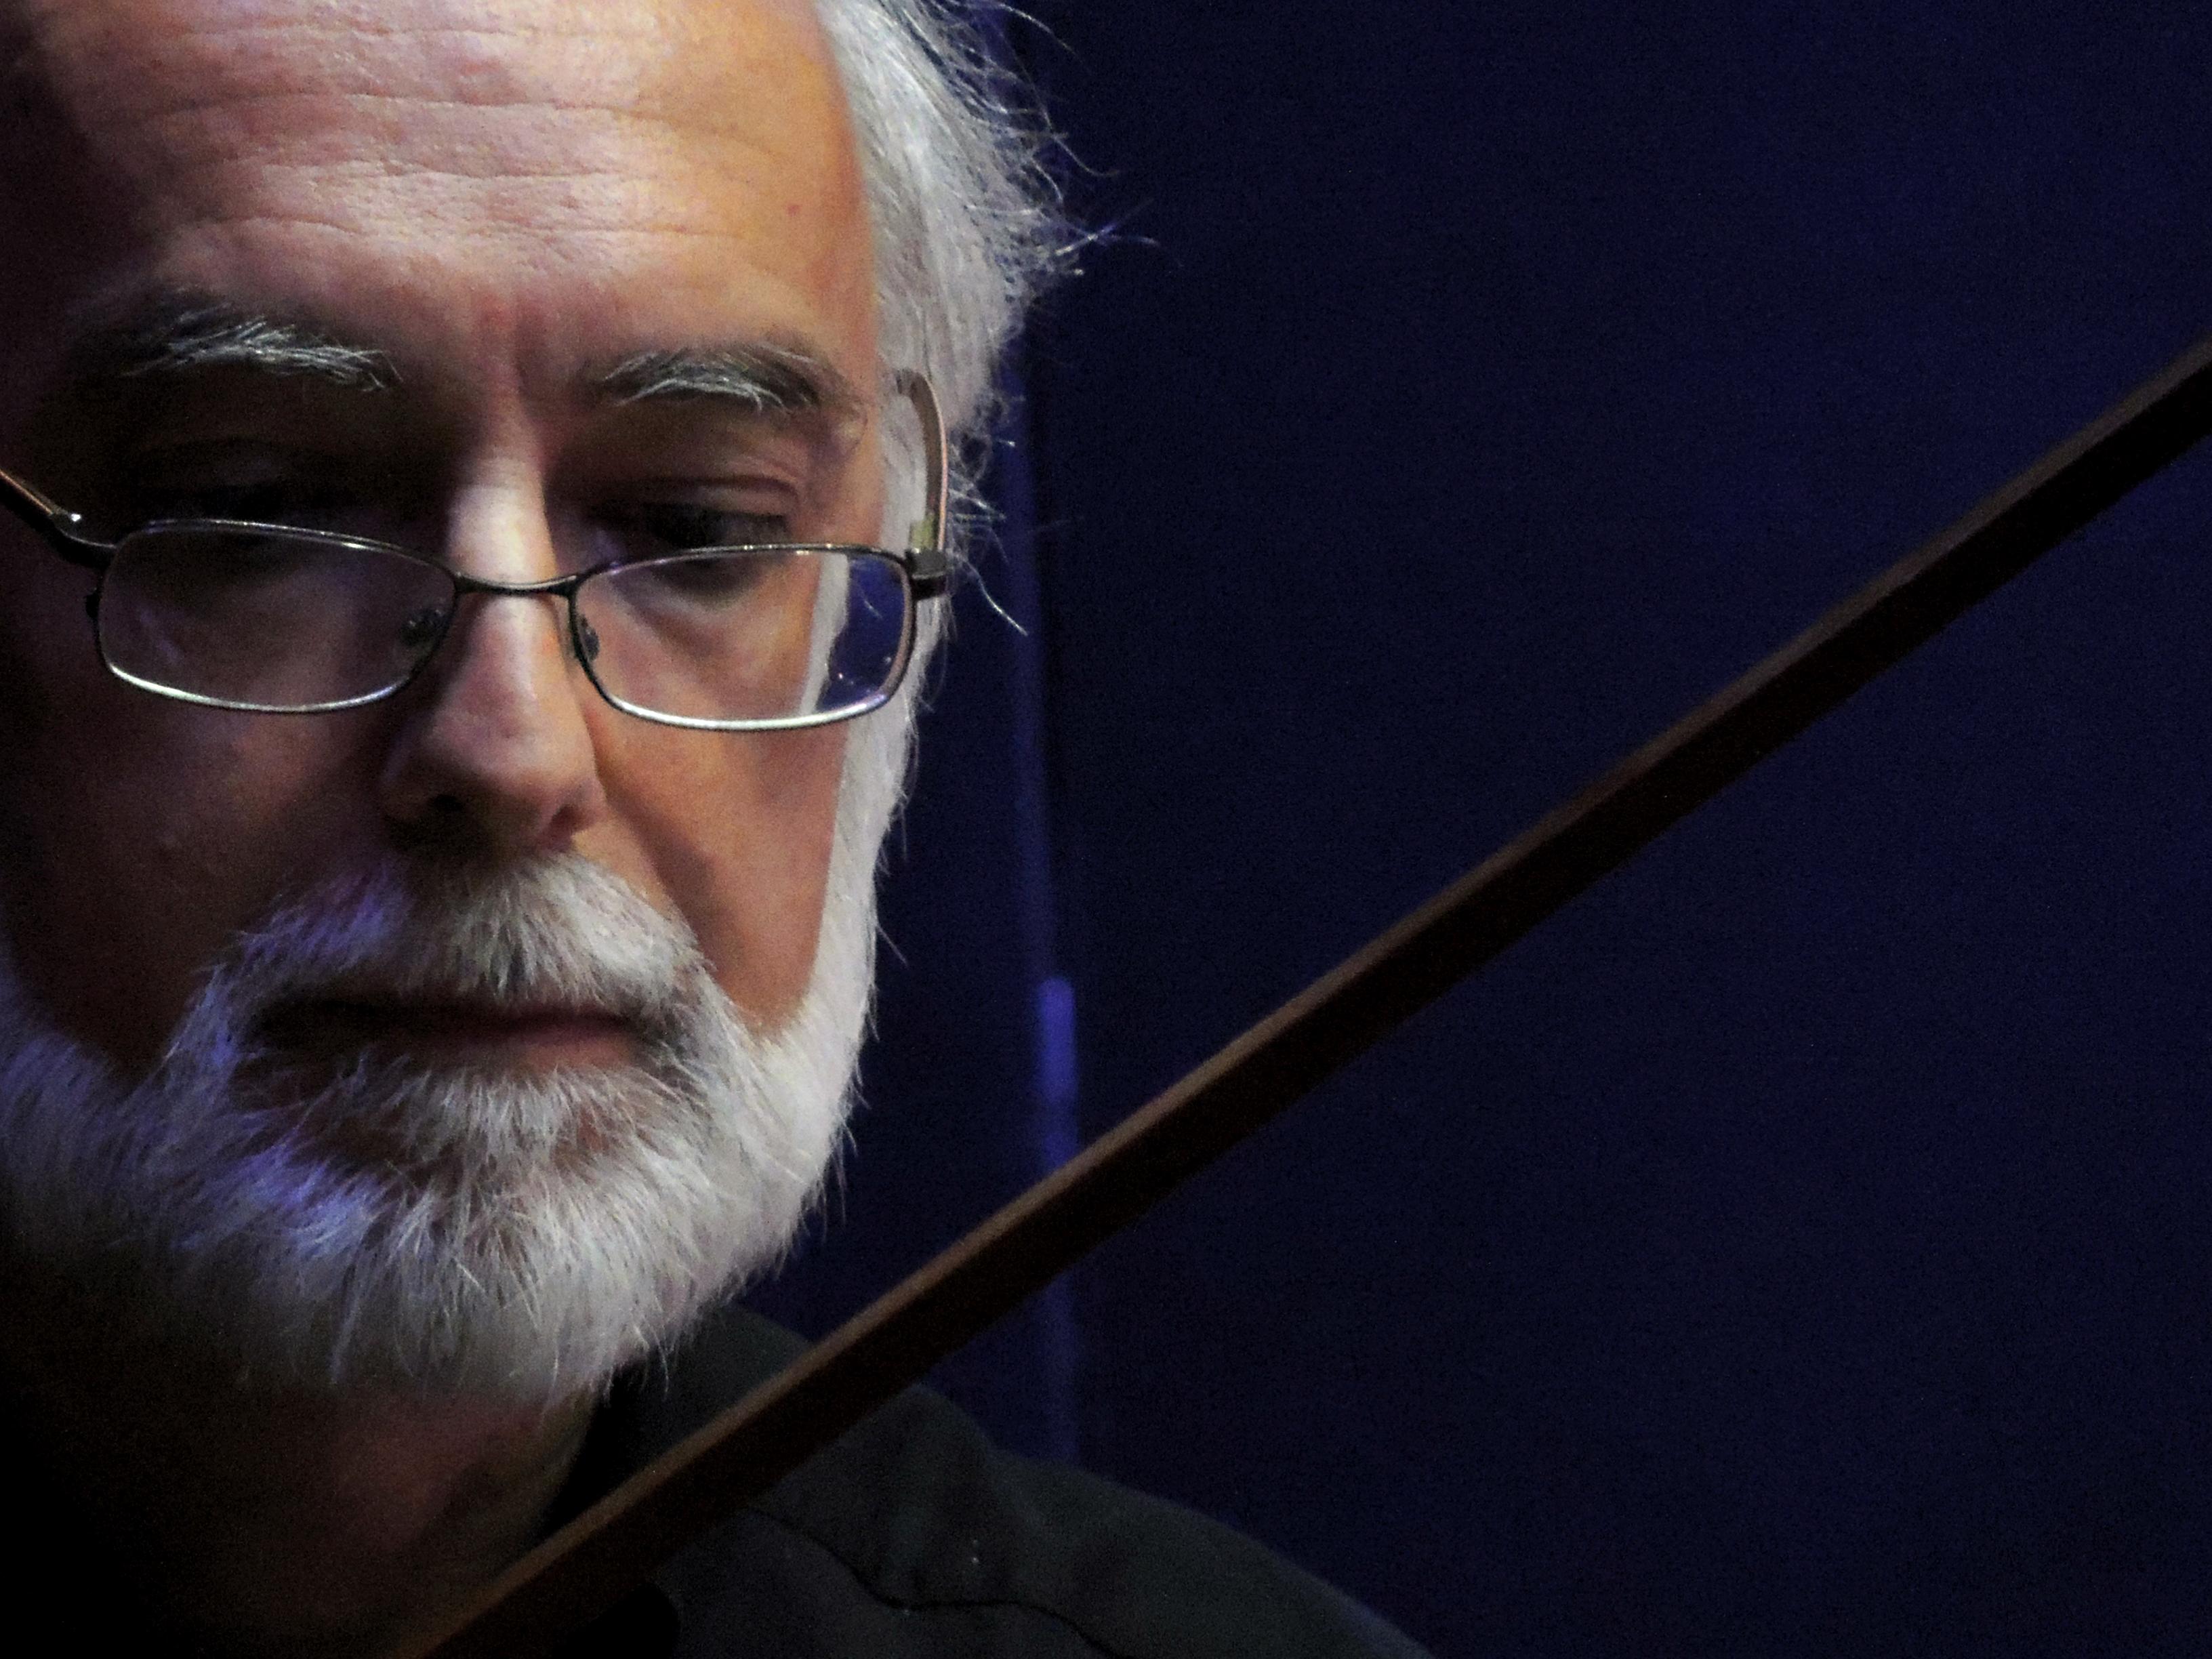 Lorenzo Ghilemi